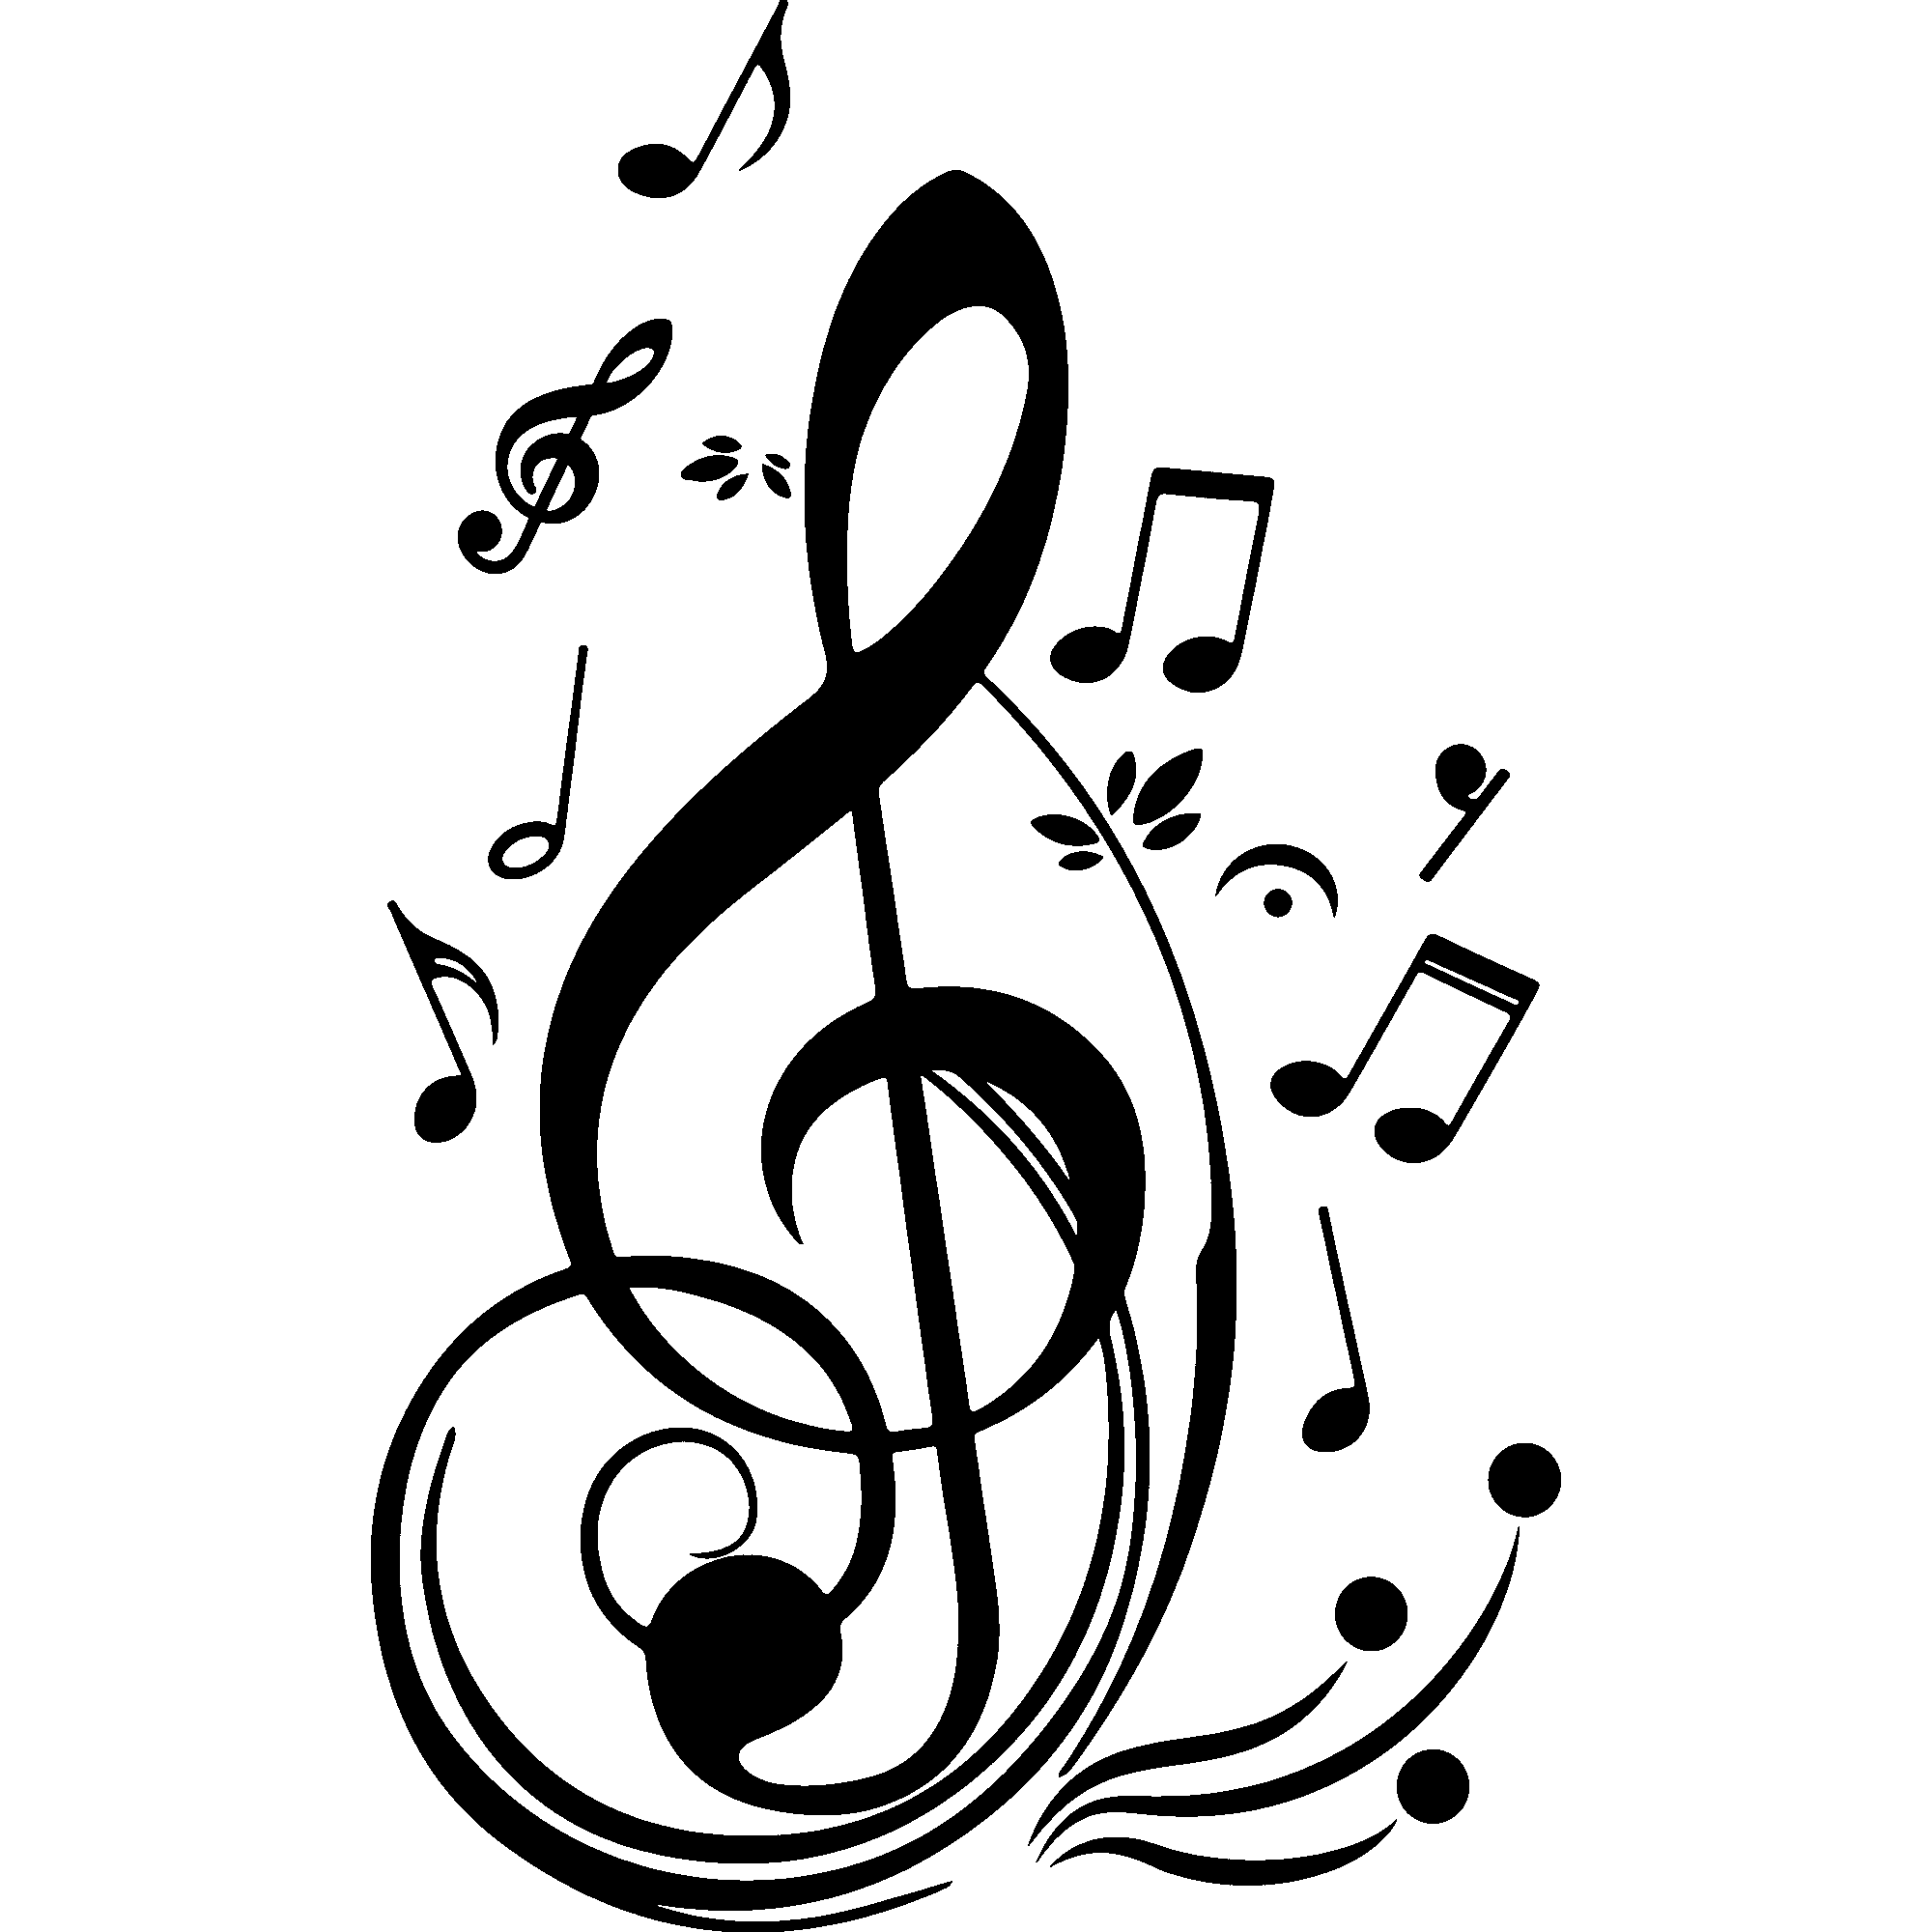 Résultats de recherche d'images pour «note de musique»